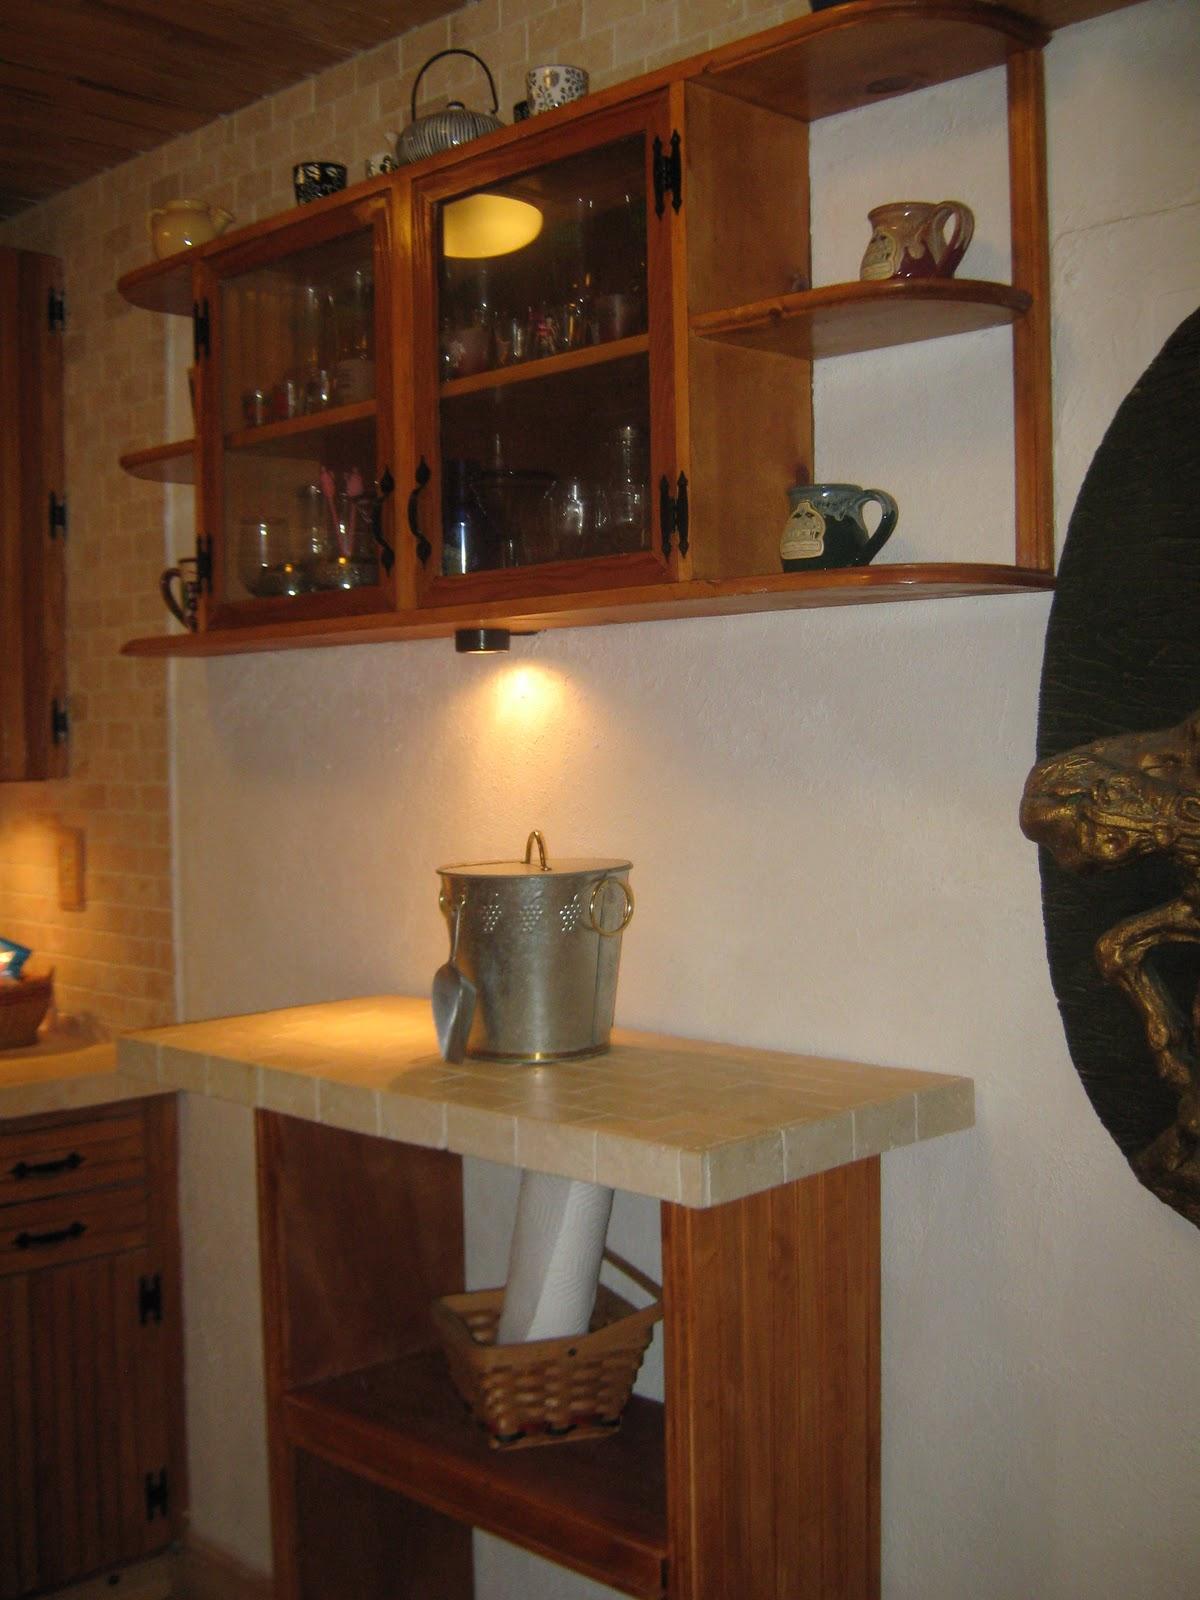 Fernandez cabinet cocina rustica terminada remodelacion for Repisas rusticas para cocina